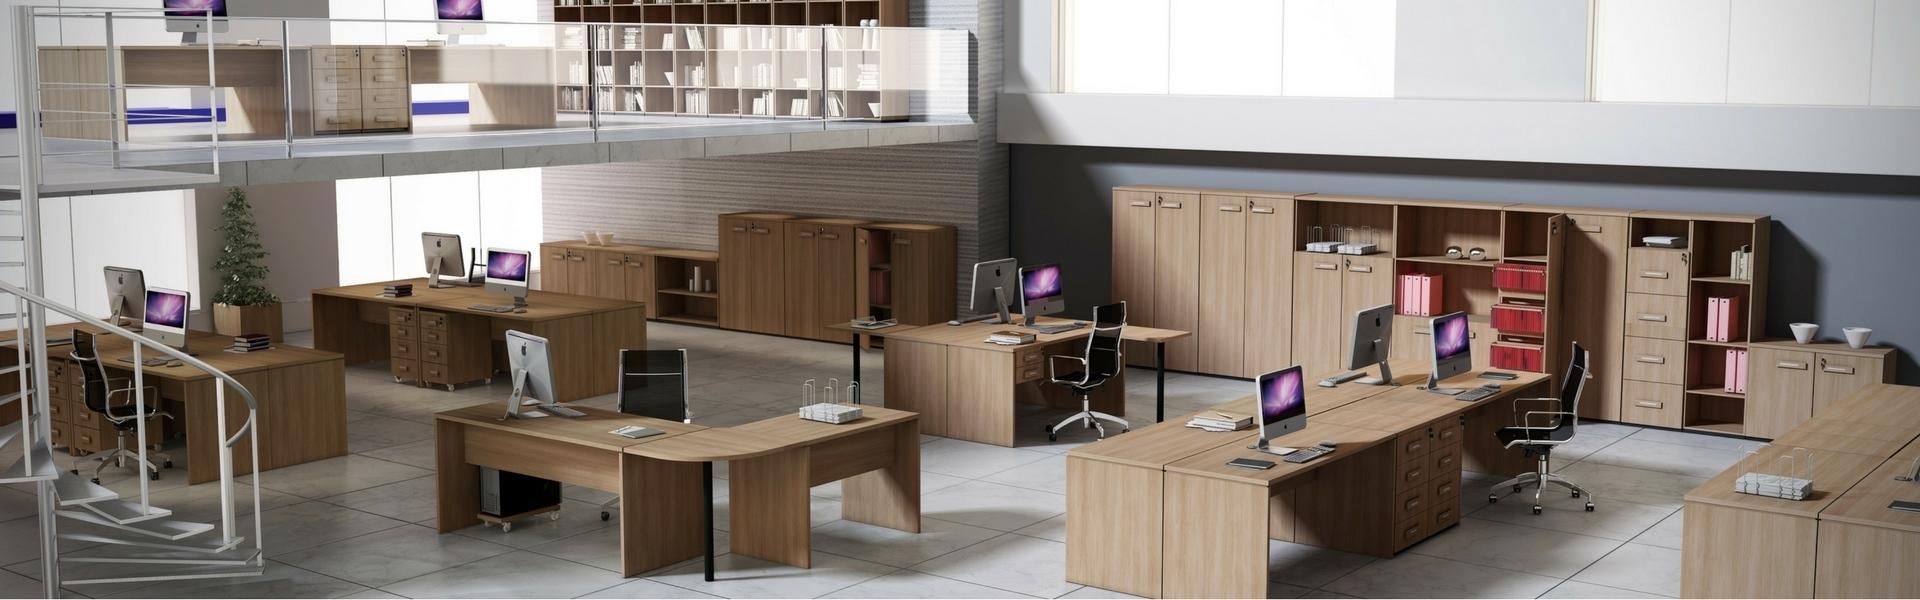 Mesas e armários